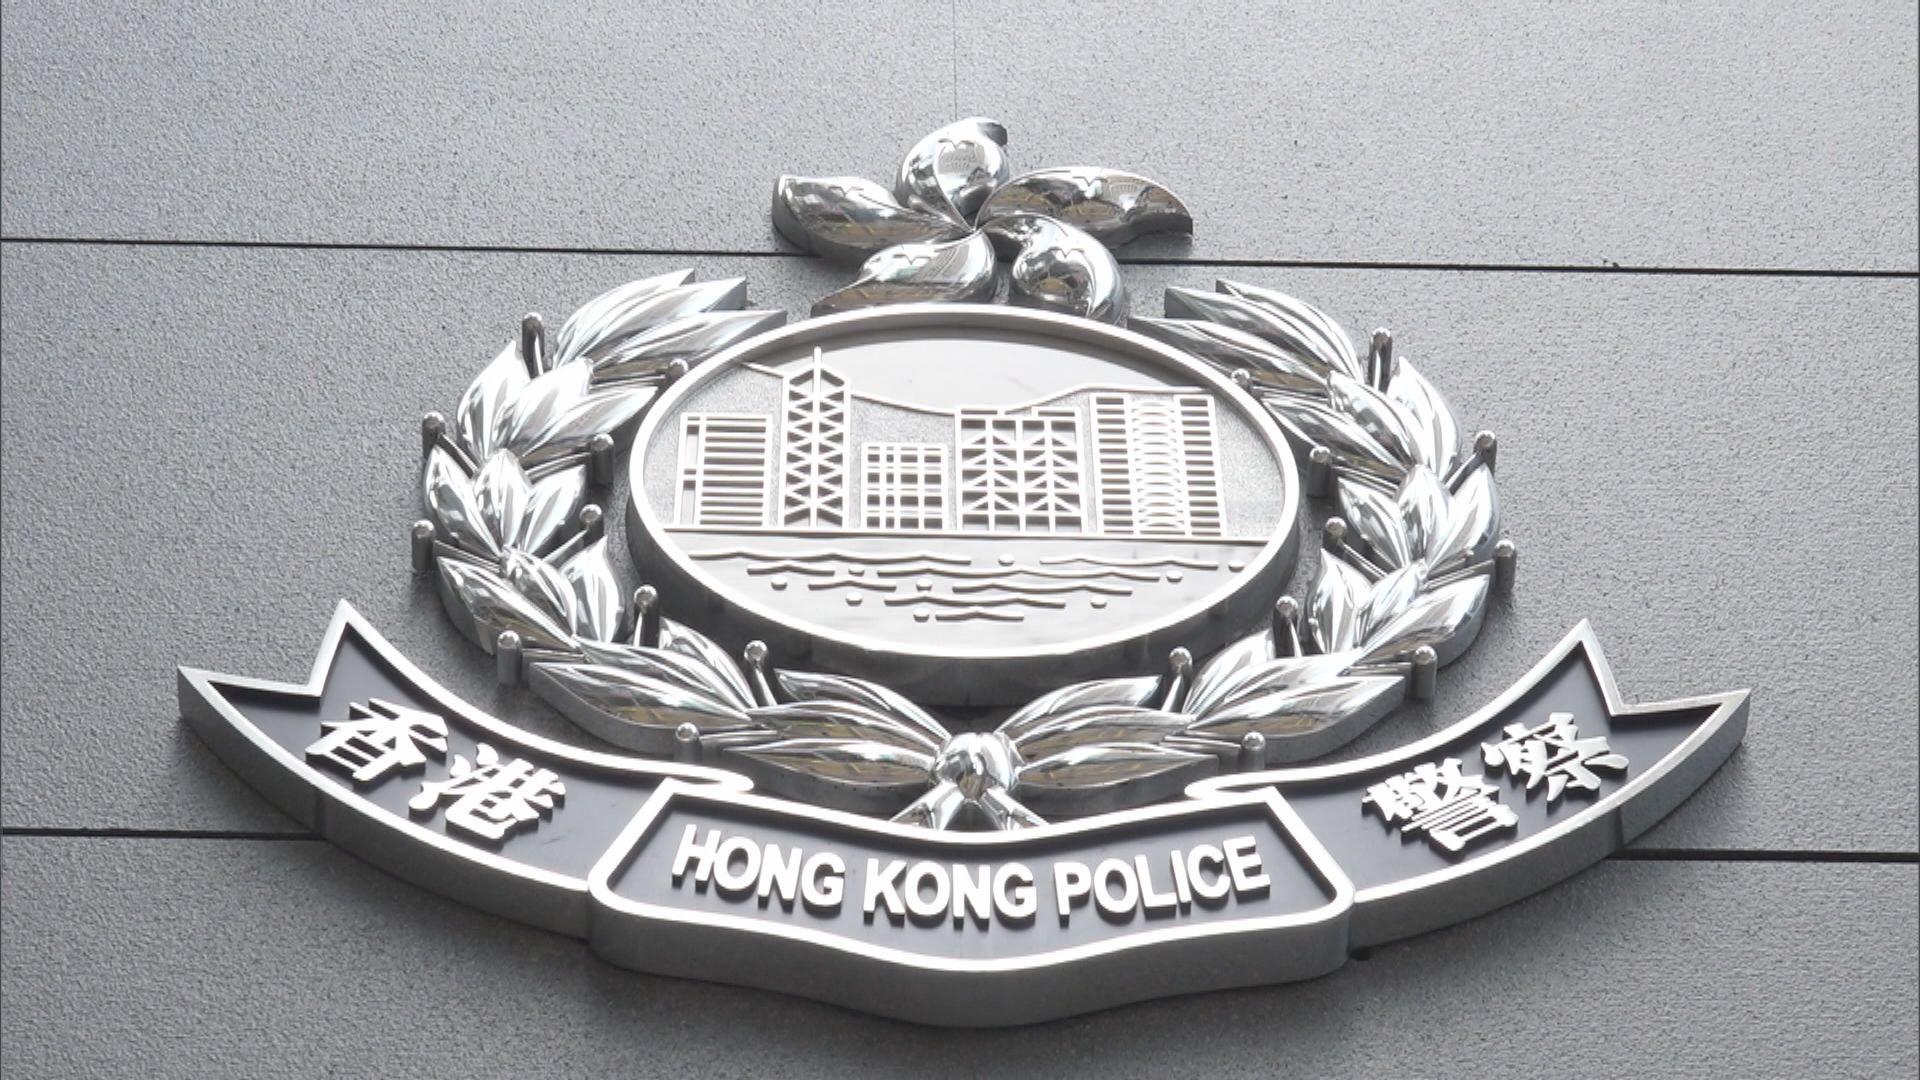 37歲男警警總辦公室內昏迷不治 警方:深切悲痛